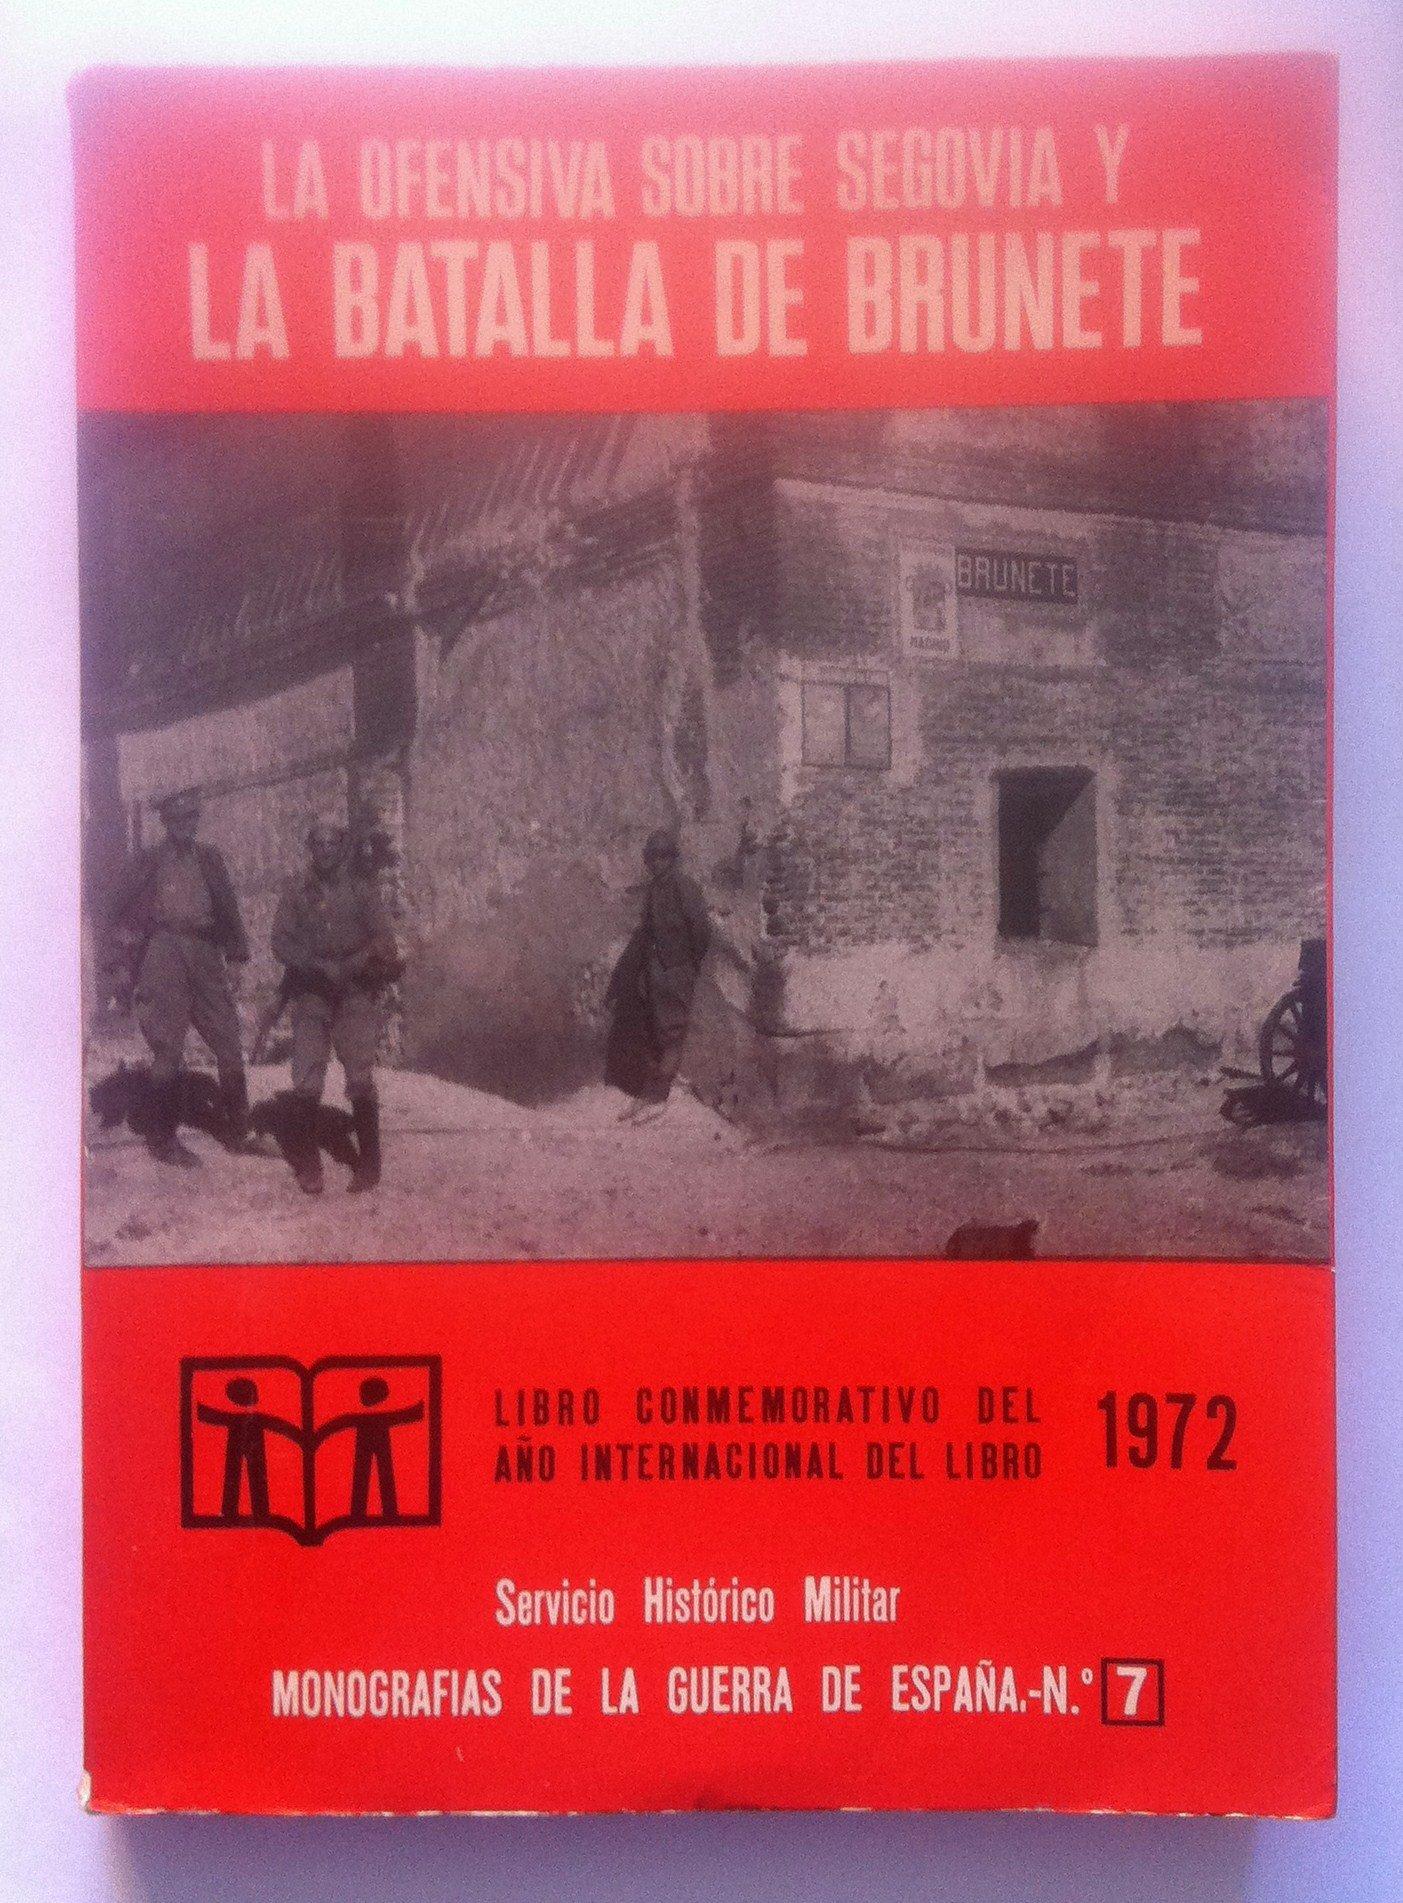 Ofensiva sobre Segovia y la batalla de Brunete, la: Amazon.es: Jose Manuel Martinez Bande: Libros